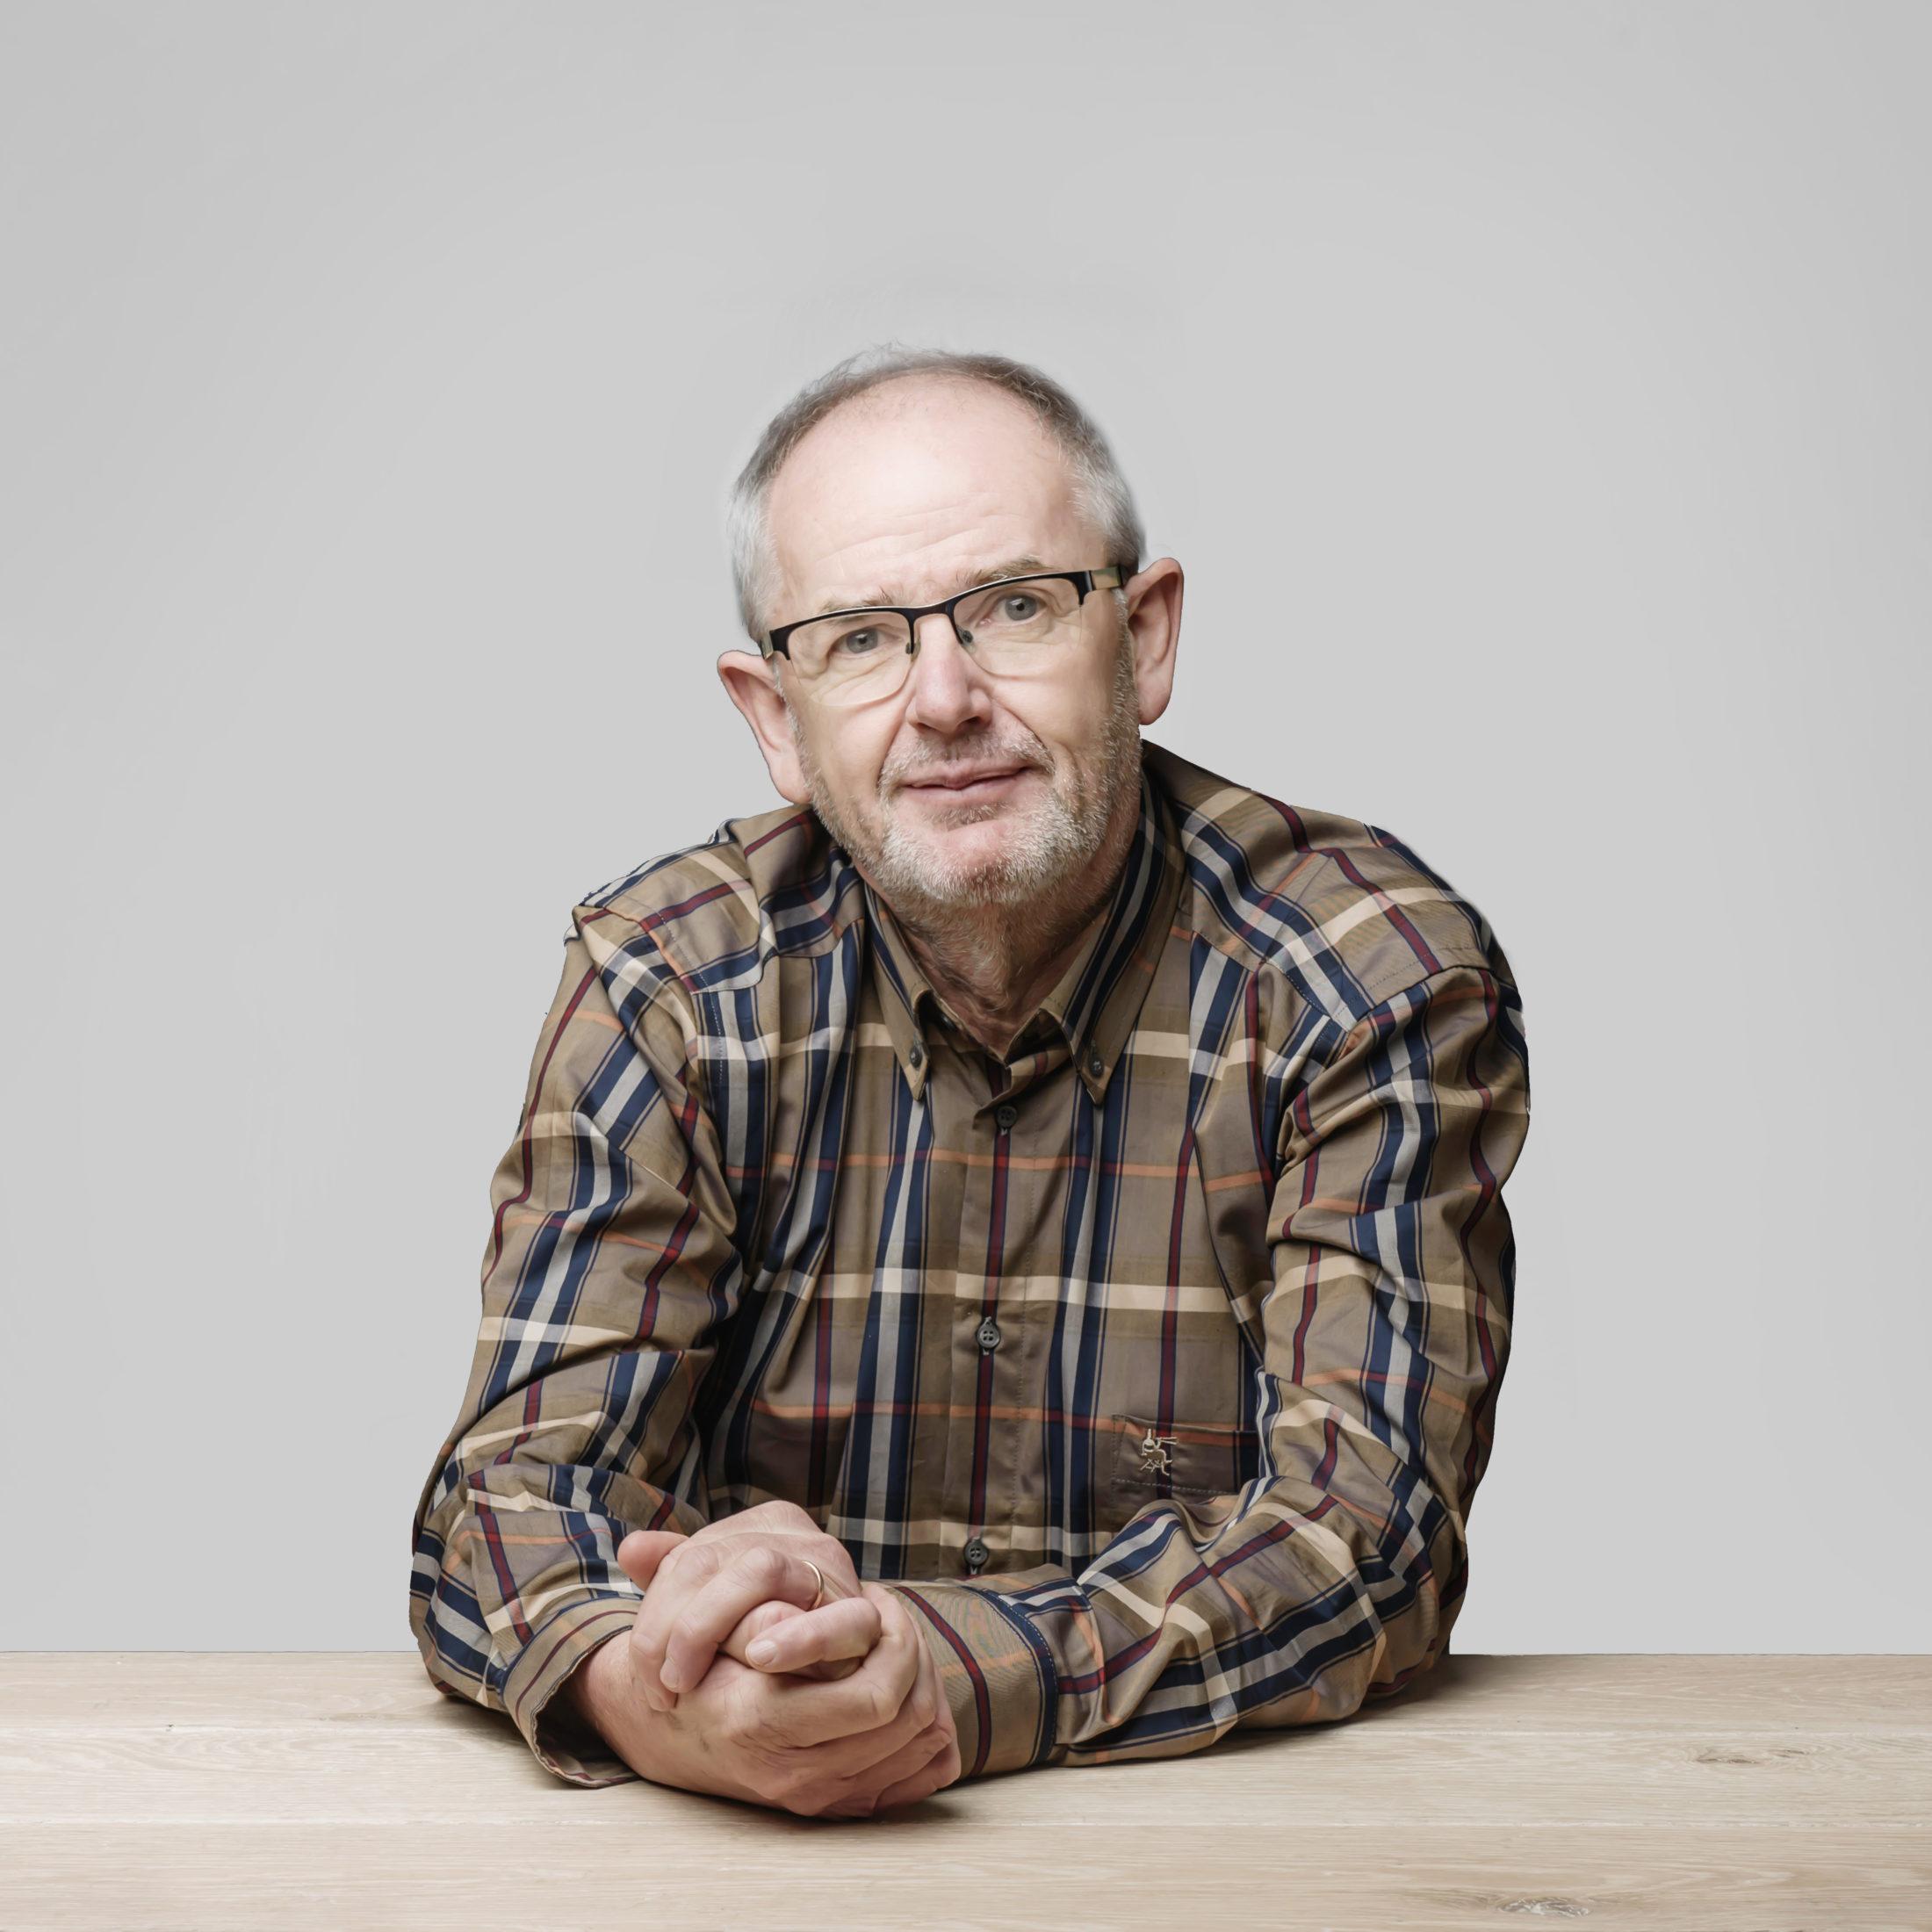 Paul Tanné